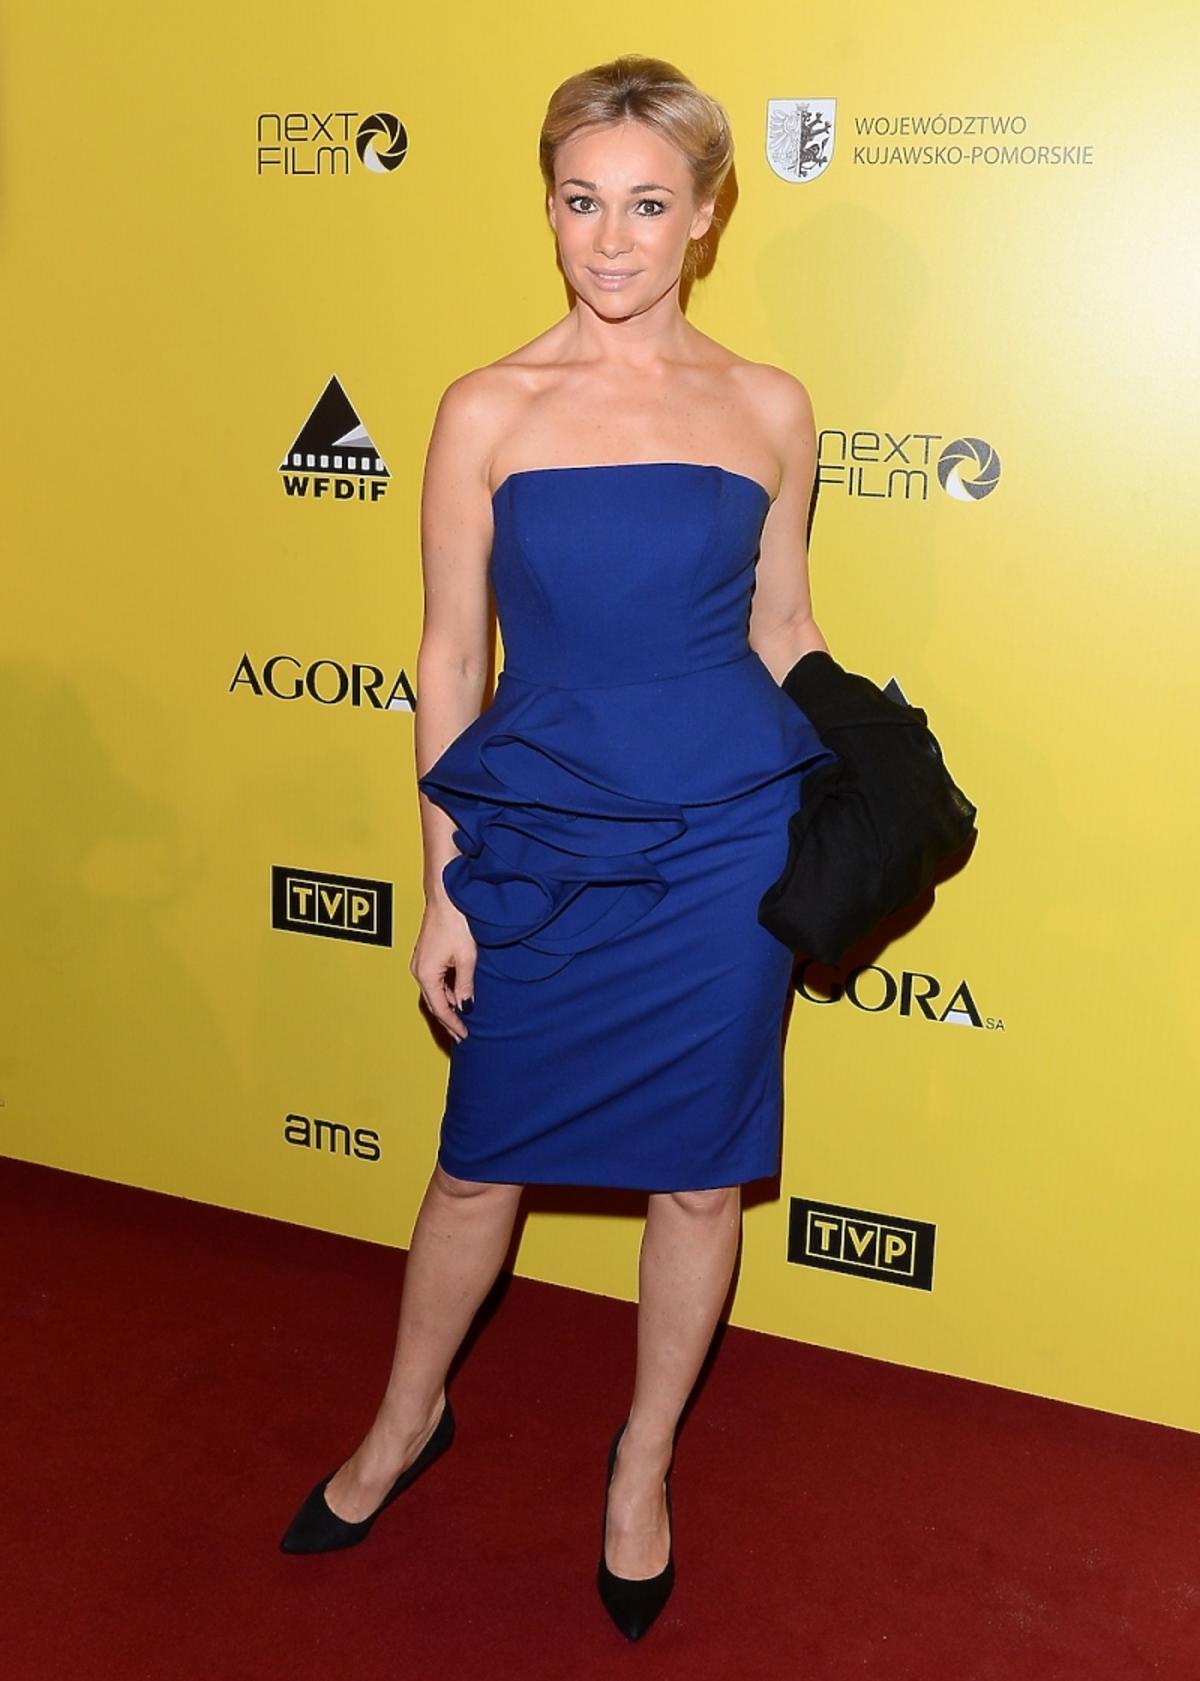 Sonia Bohosiewicz w kobaltowej sukience na żółtej ściance